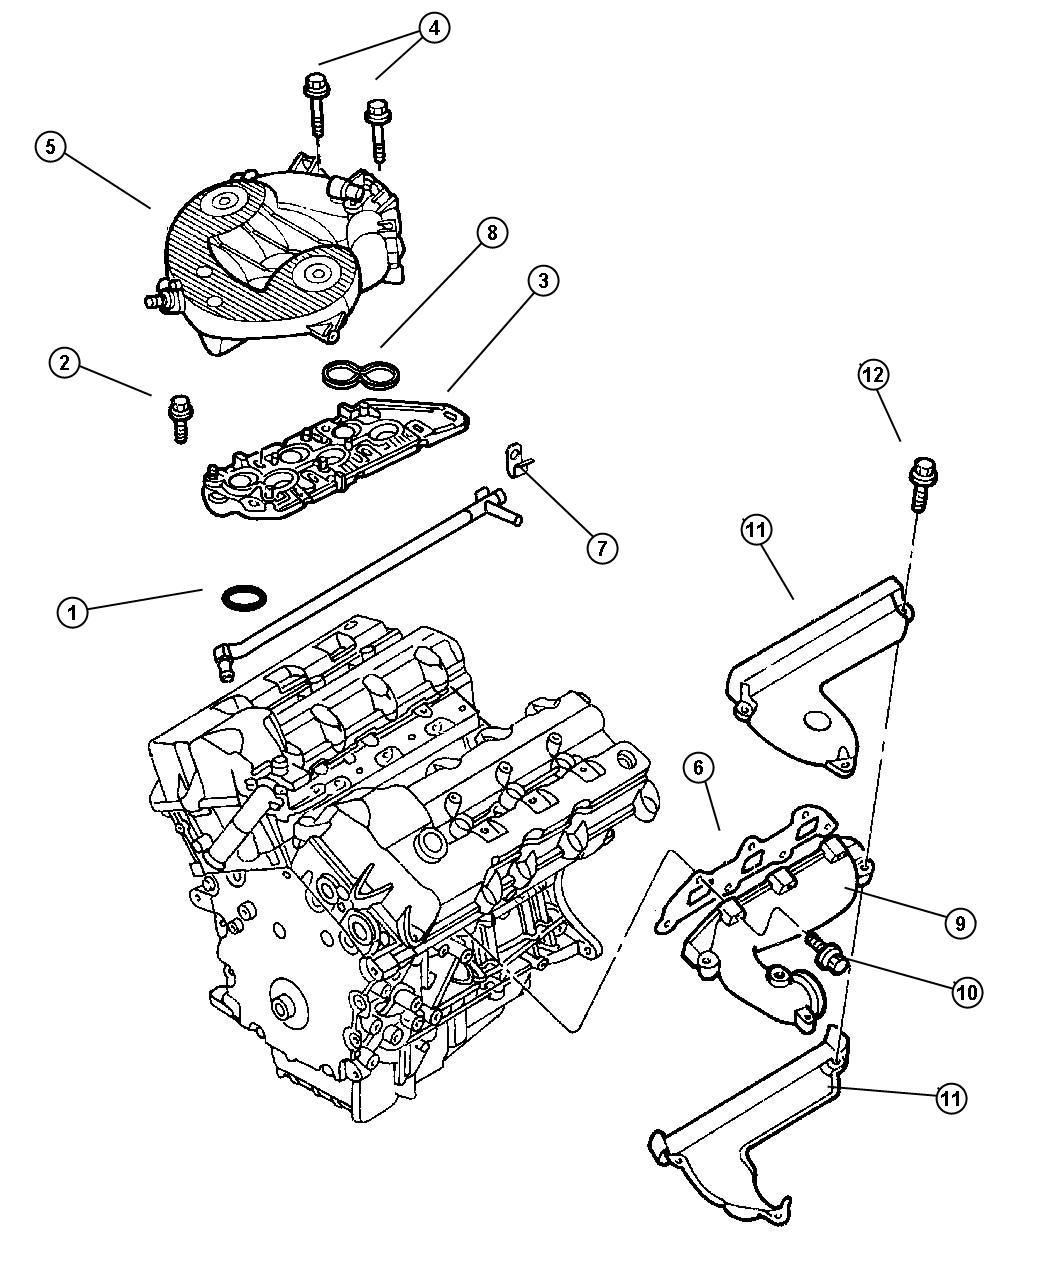 Chrysler Concorde Gasket. Intake manifold. Lower, mounting